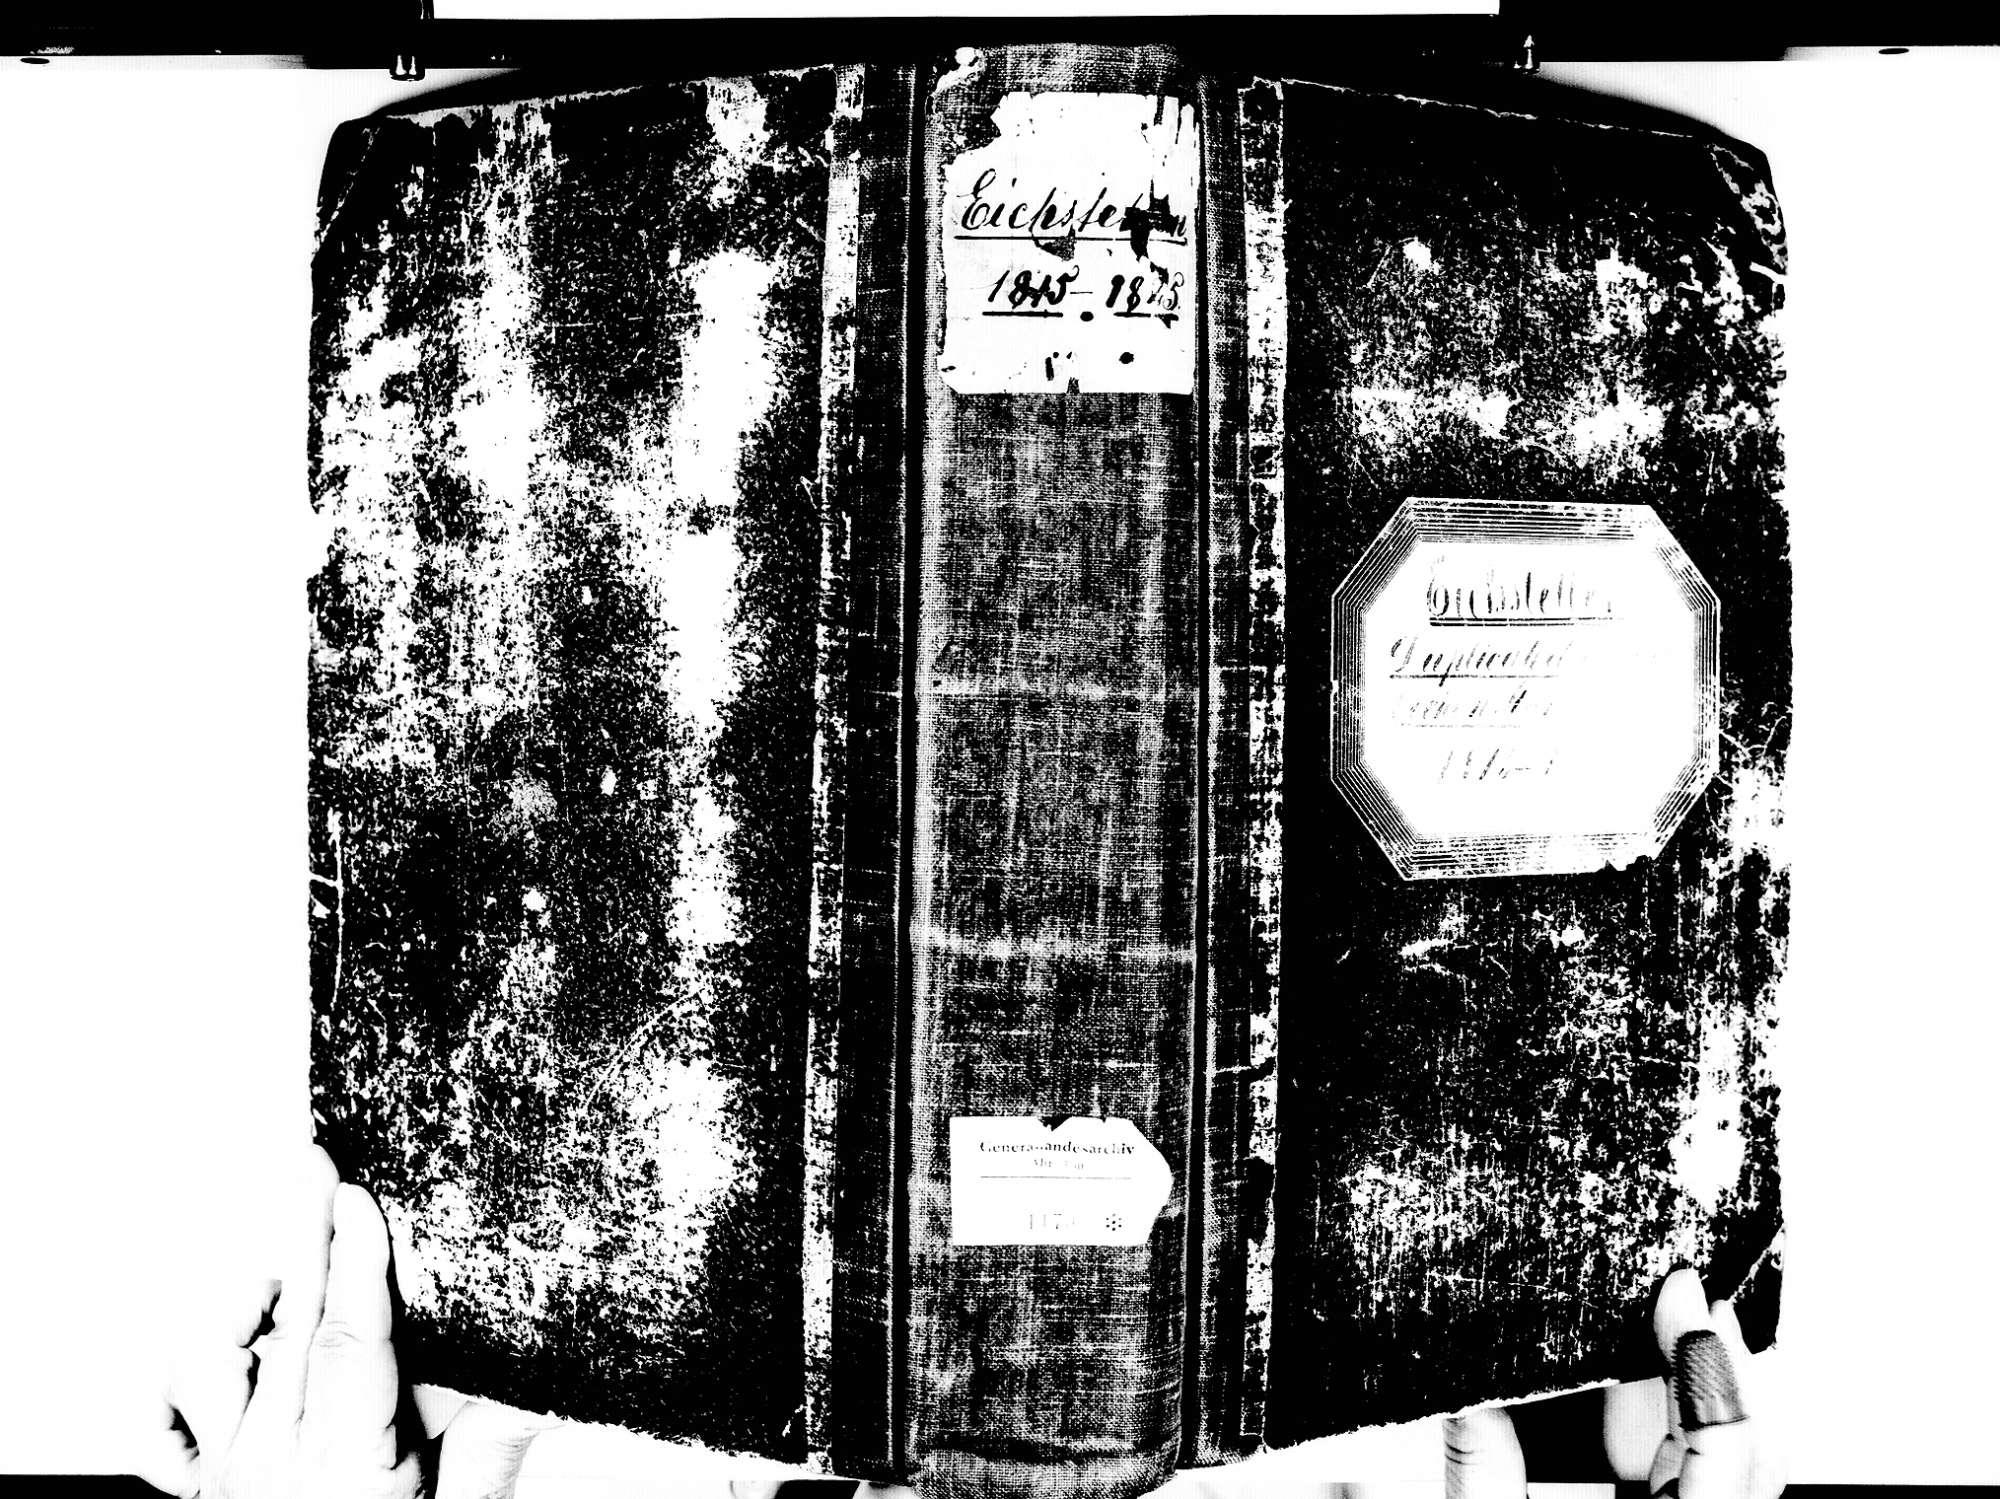 Eichstetten FR; Evangelische Gemeinde: Standesbuch 1815-1825 Eichstetten FR; Israelitische Gemeinde: Standesbuch 1815-1825, Bild 1